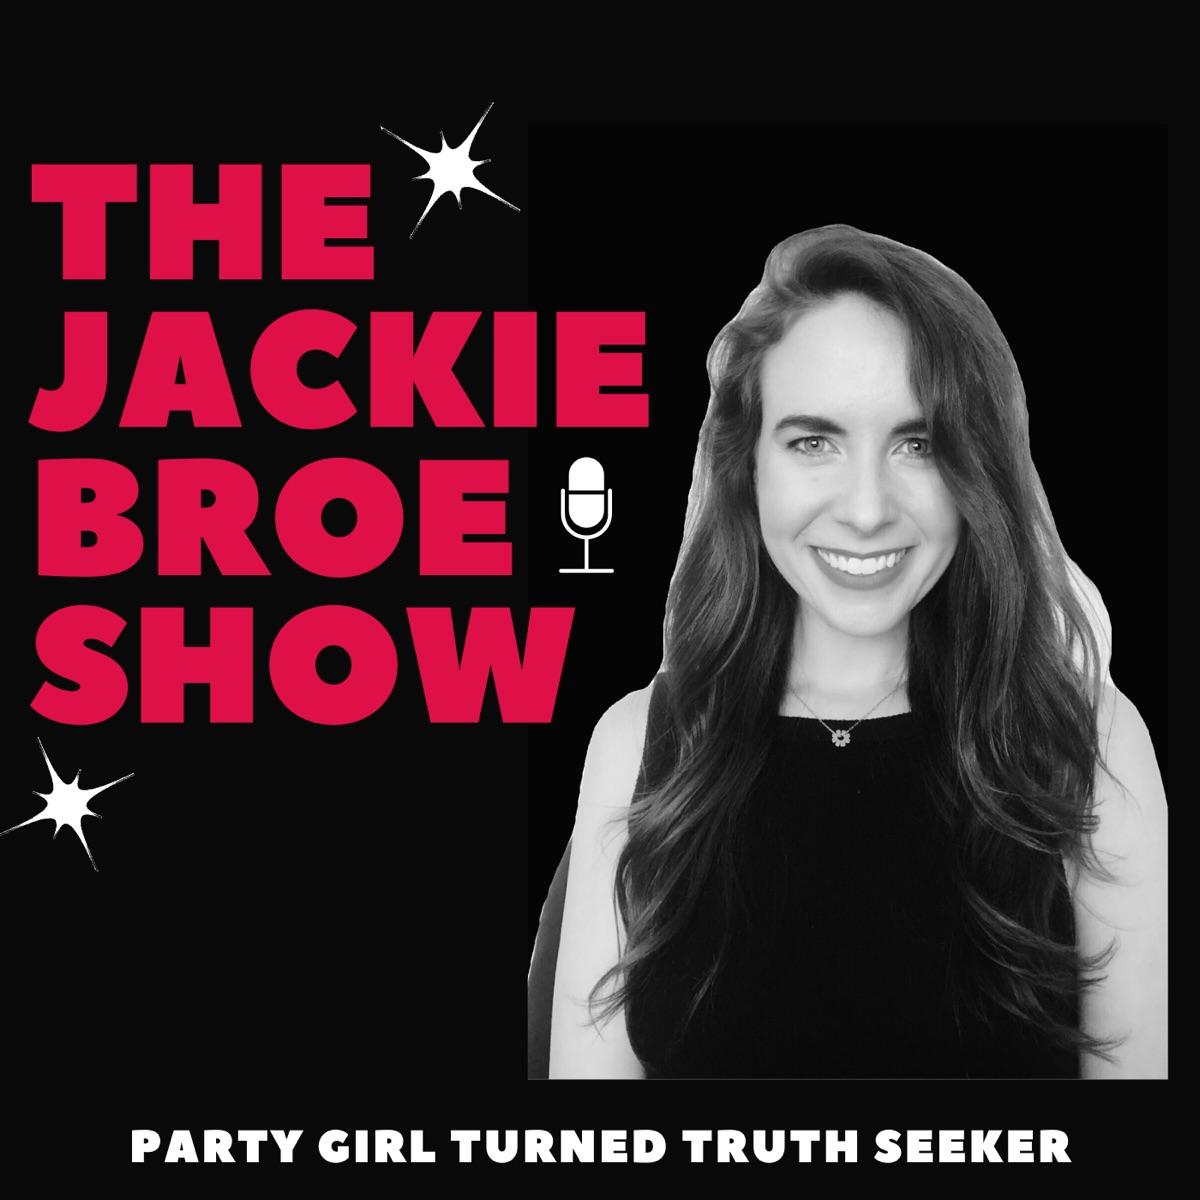 The Jackie Broe Show